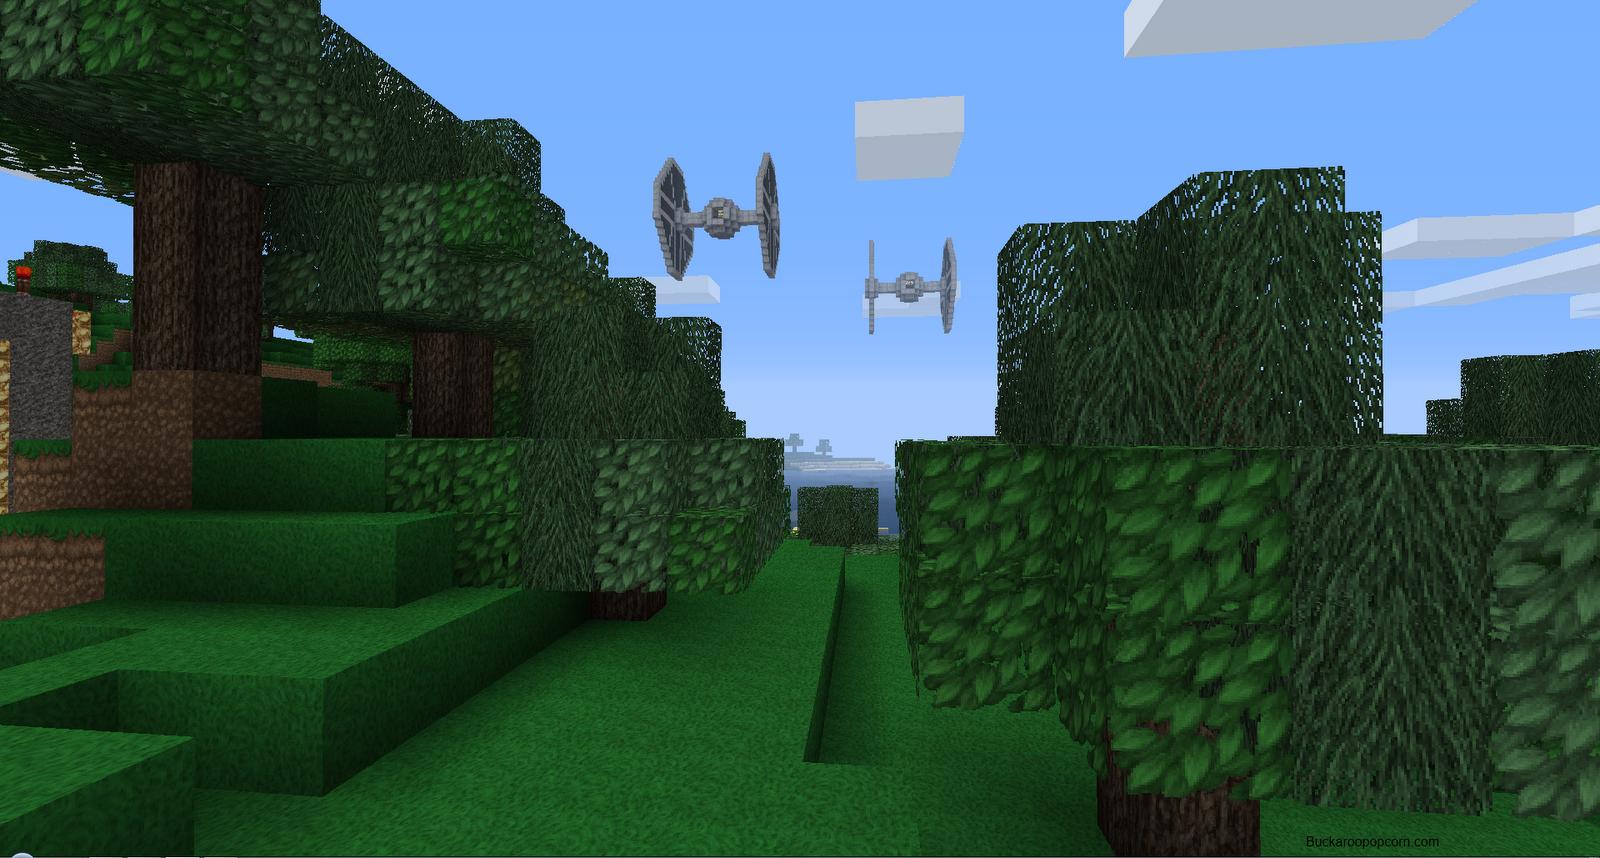 minecraft Minecraft desktop wallpaper 1600x858